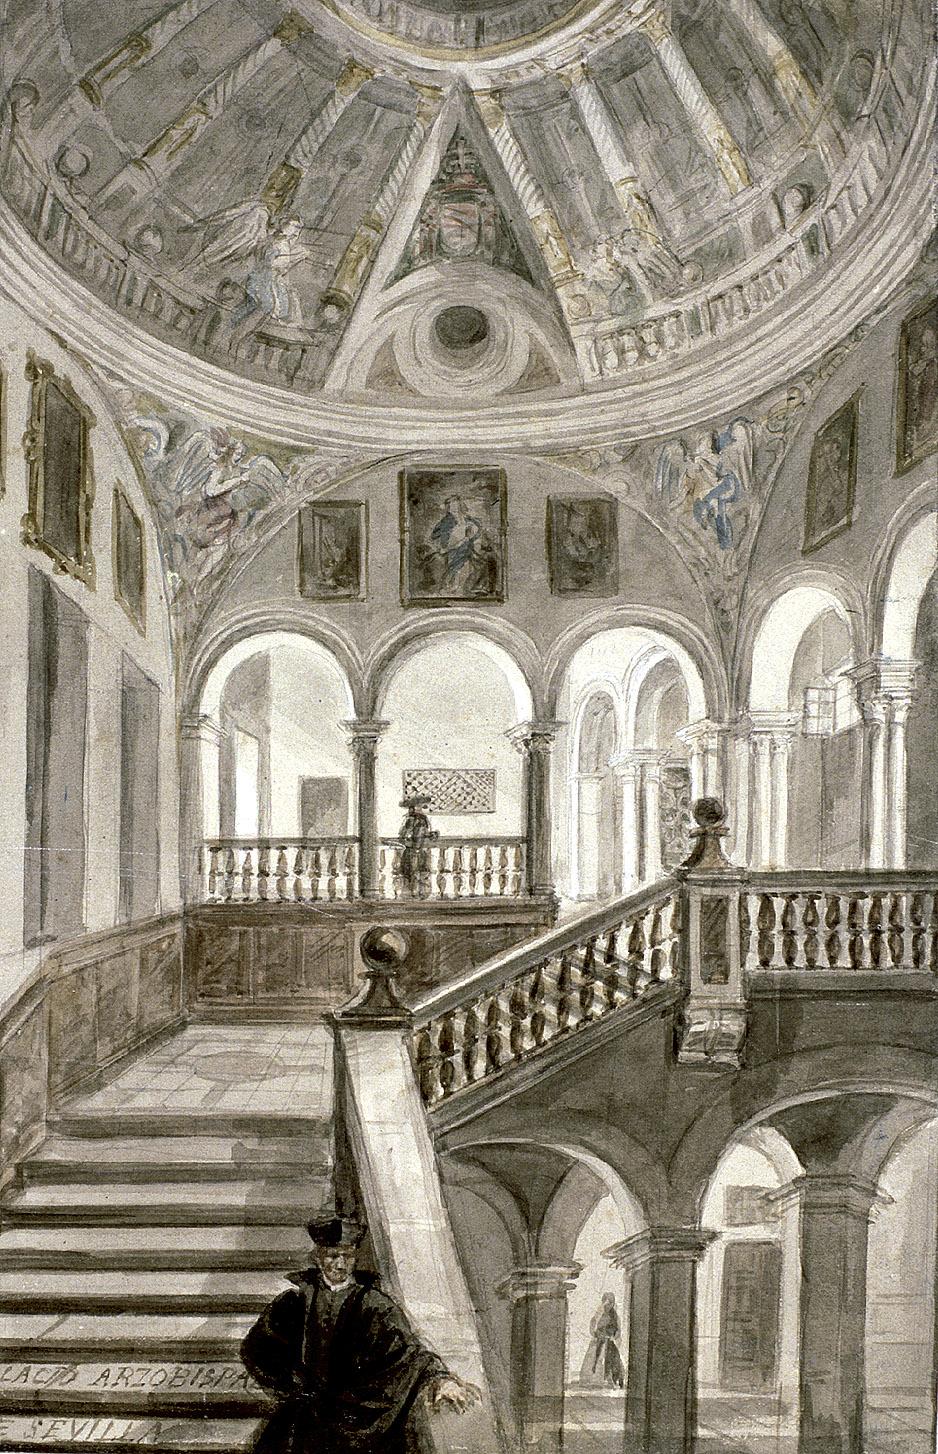 Valentín Carderera: Interior del Palacio Arzobispal de Sevilla, ca. 1850. Museo Lázaro Galdiano, Madrid.